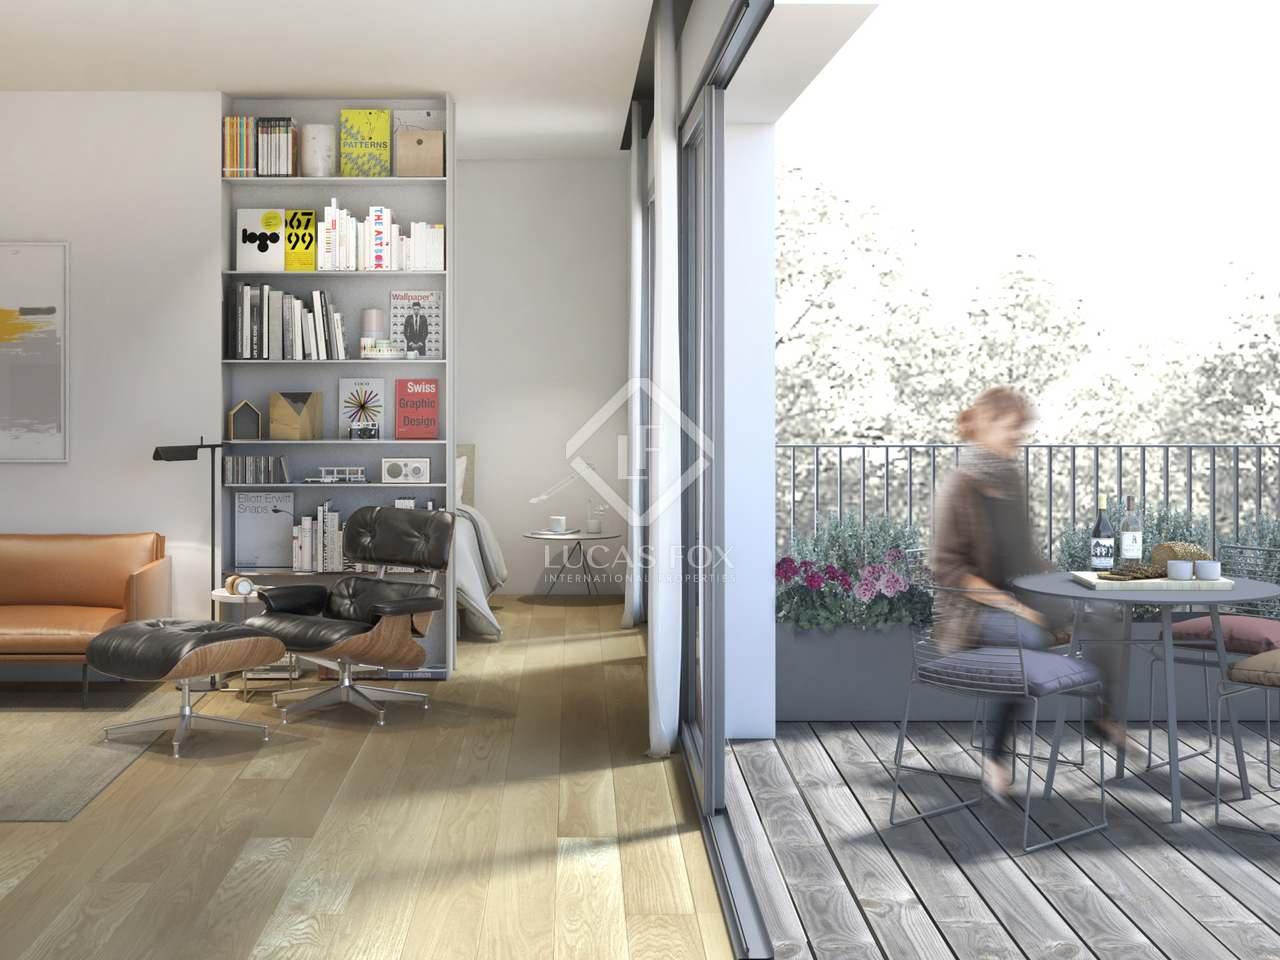 Arago borrell nuova costruzione eixample sinistro for Appartamenti eixample barcellona